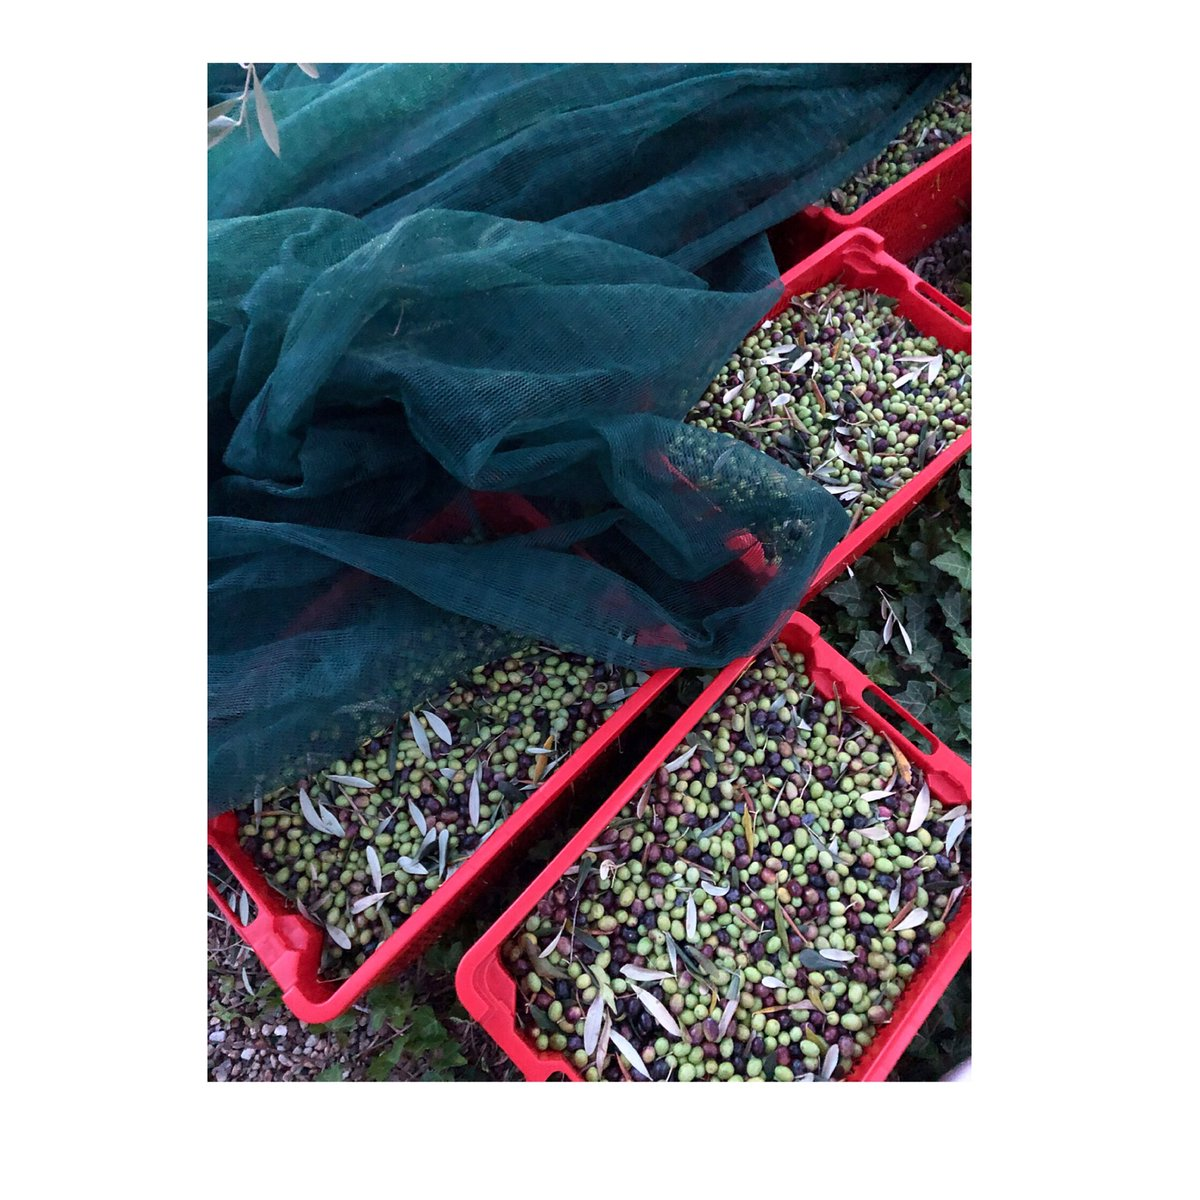 Raccogliamo le olive che guardano il mare #harvesting #raccolto2020  #earlyharvest #raccoltoprecoce #settimino #extravirginoliveoil #extravergine #taggiasca #liguria #rivieraligurediponente #rivieradeifiori #crop #cool #mood #moodoftheday #passion #inspiration @galateofriends https://t.co/2A4yBJmOW6